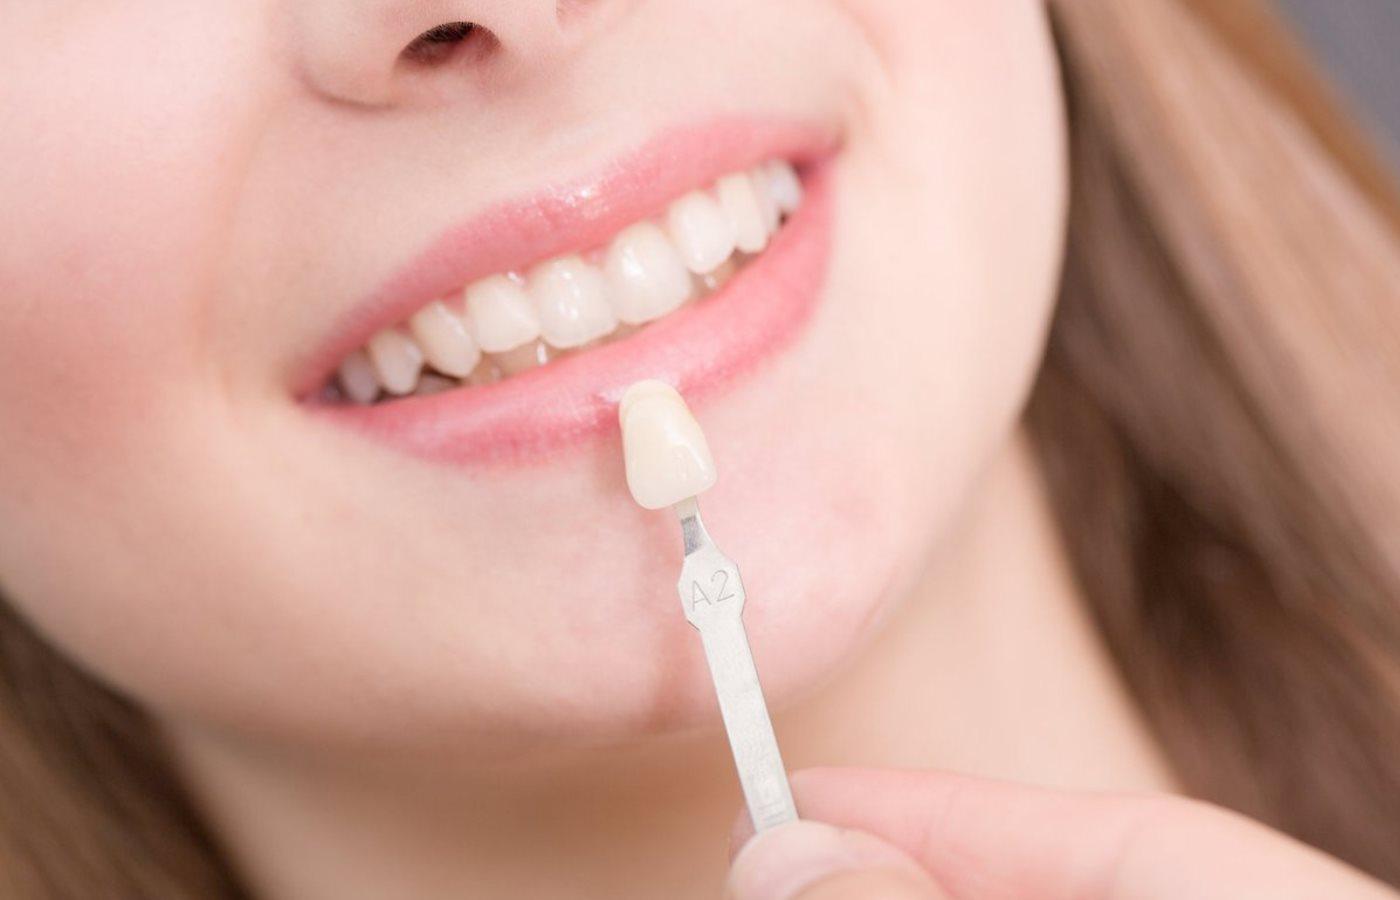 ماندگاری کامپوزیت دندان چه میزان بستگی به نحوه مراقبت دارد